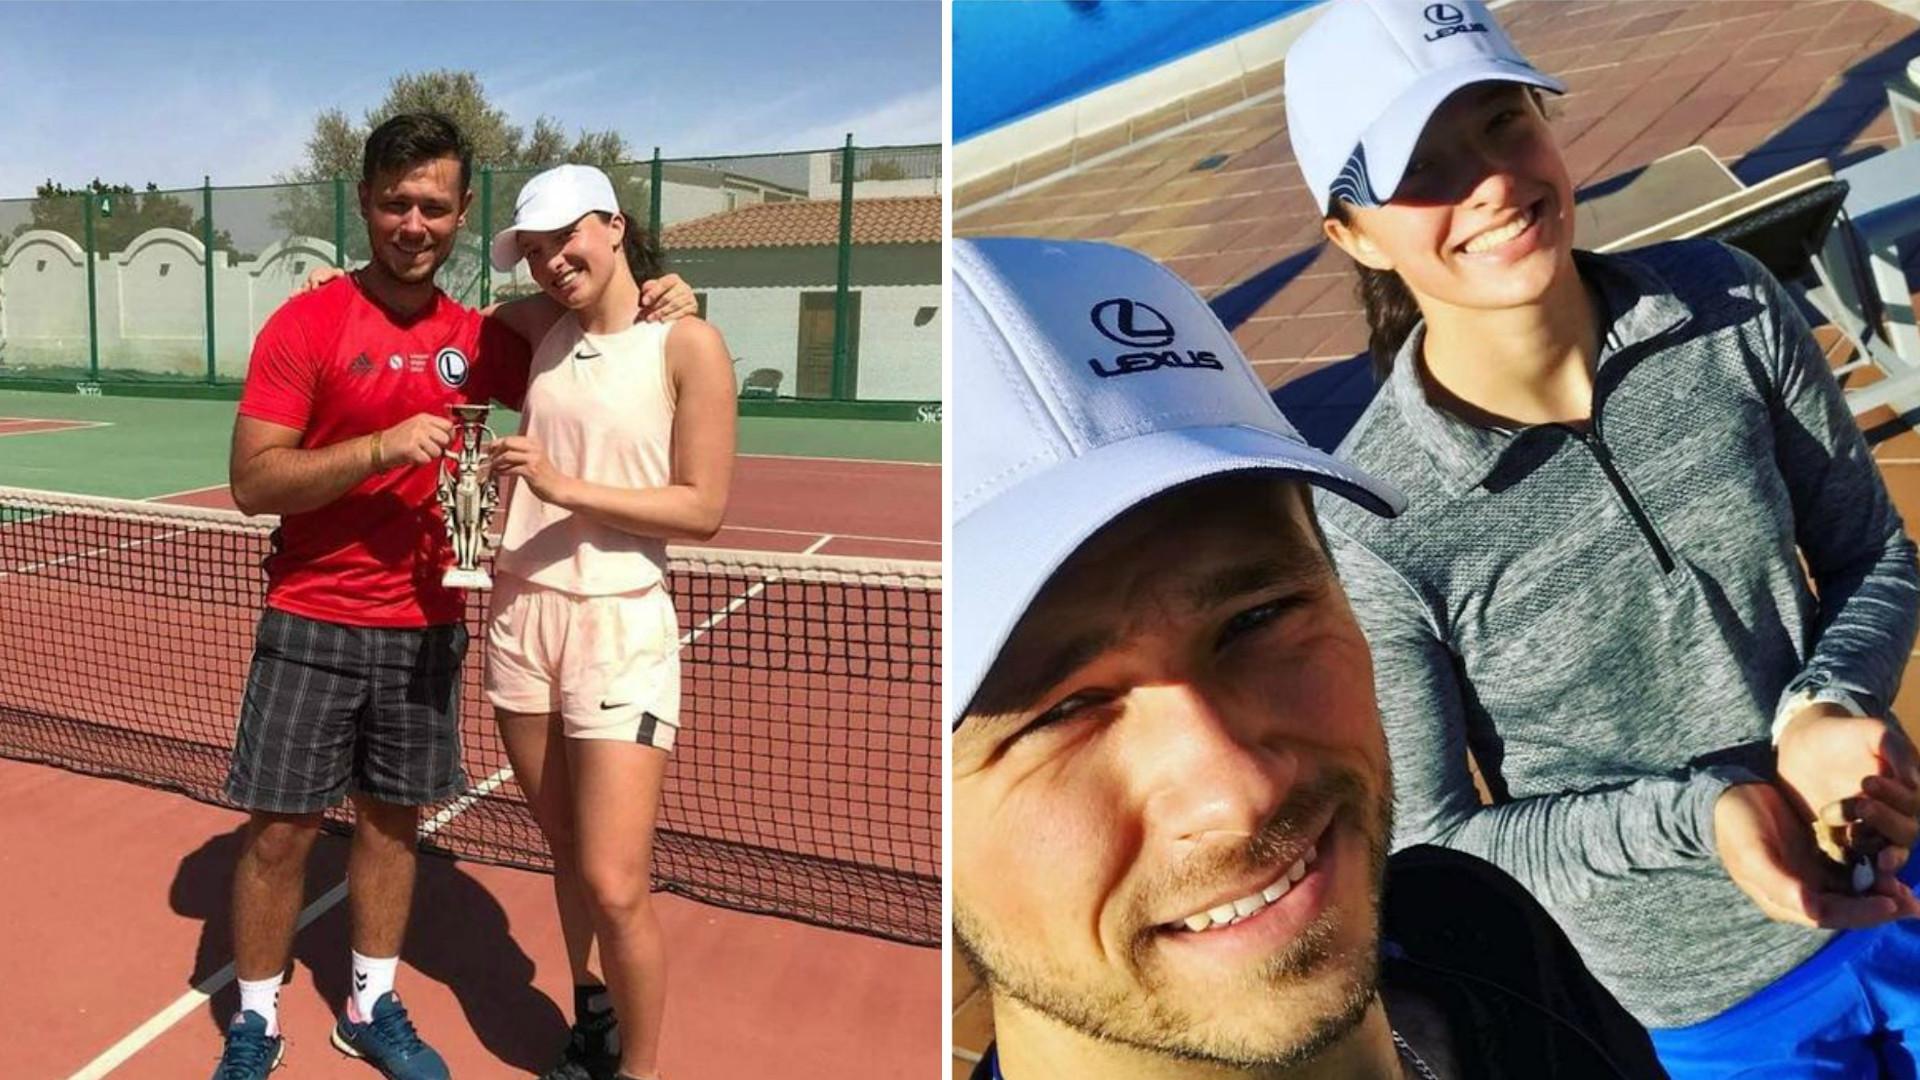 """Iga Świątek wygrała nie tylko Roland Garros, ale i zakład z trenerem. """"Miałem przeczucie, że to może się wydarzyć"""""""